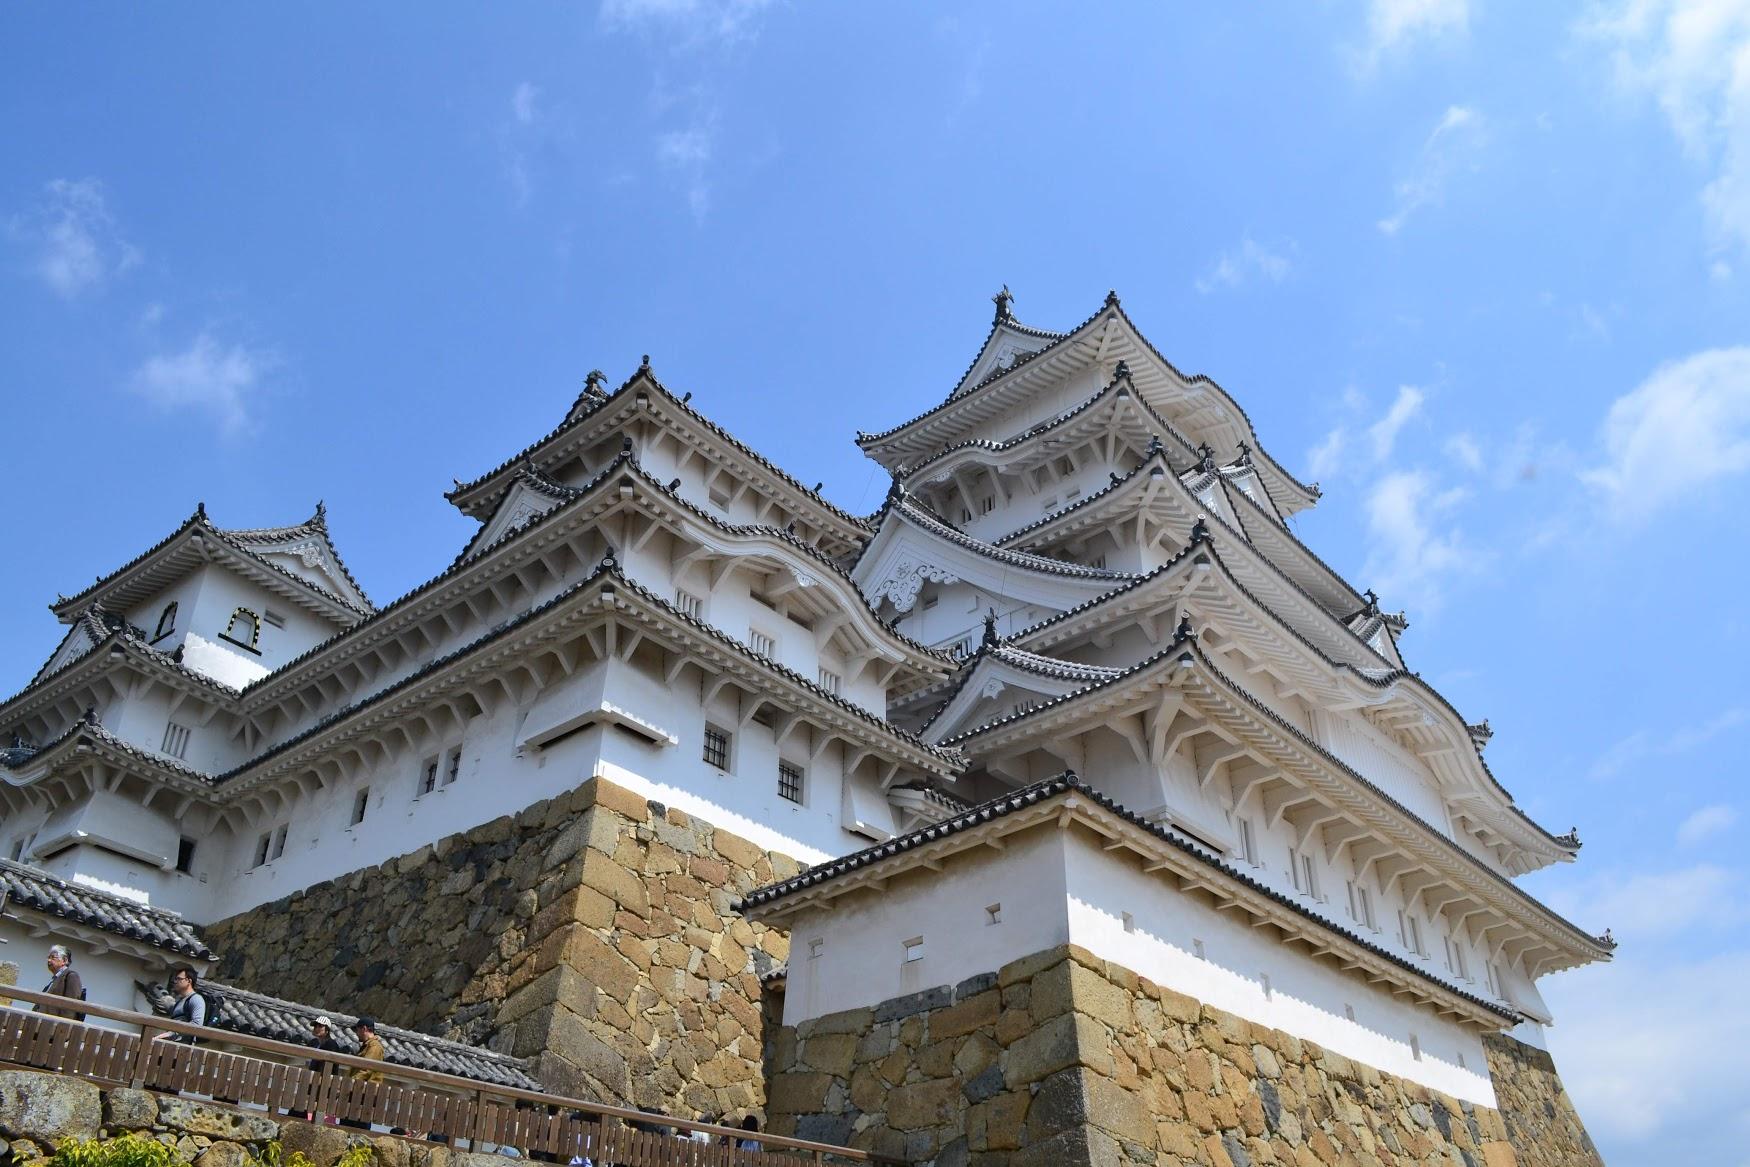 Después de salir de adentro del castillo, se podía ver al castillo de cerca.